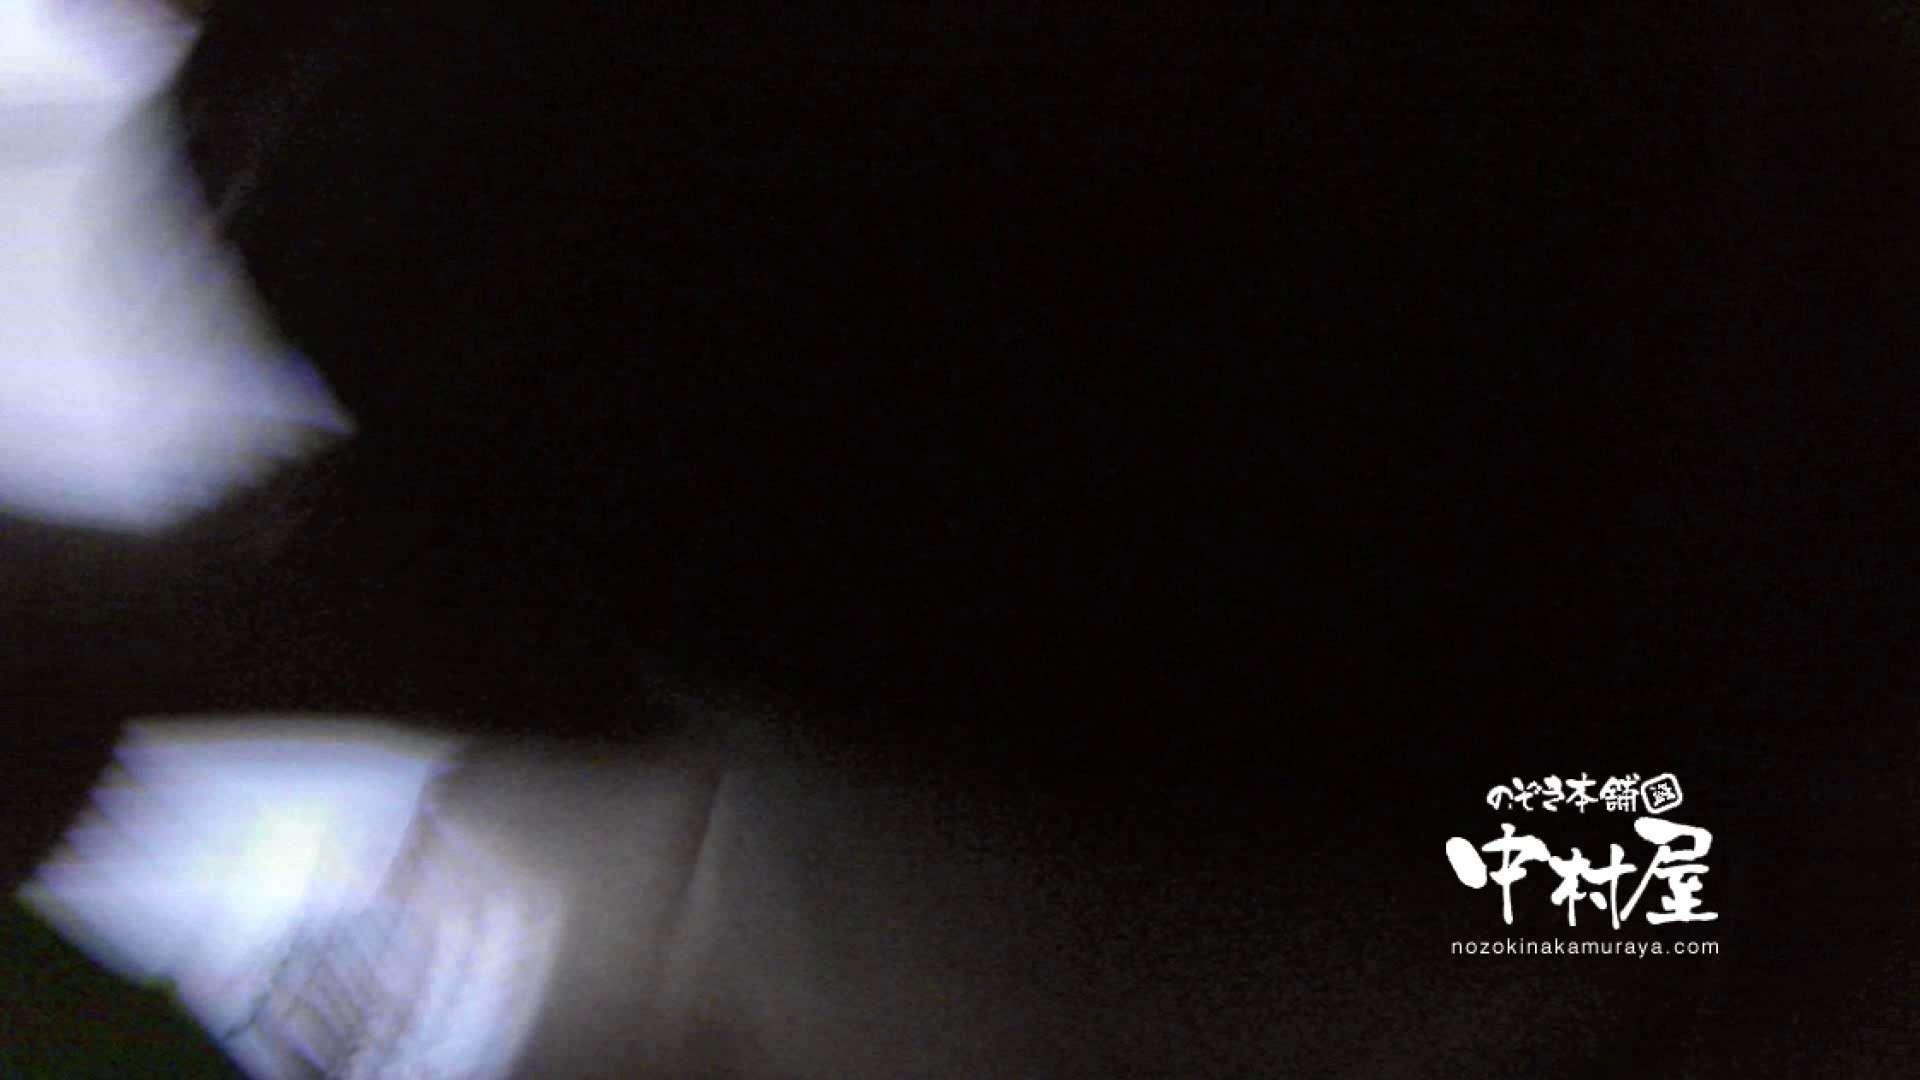 鬼畜 vol.12 剥ぎ取ったら色白でゴウモウだった 後編 鬼畜  104pic 80